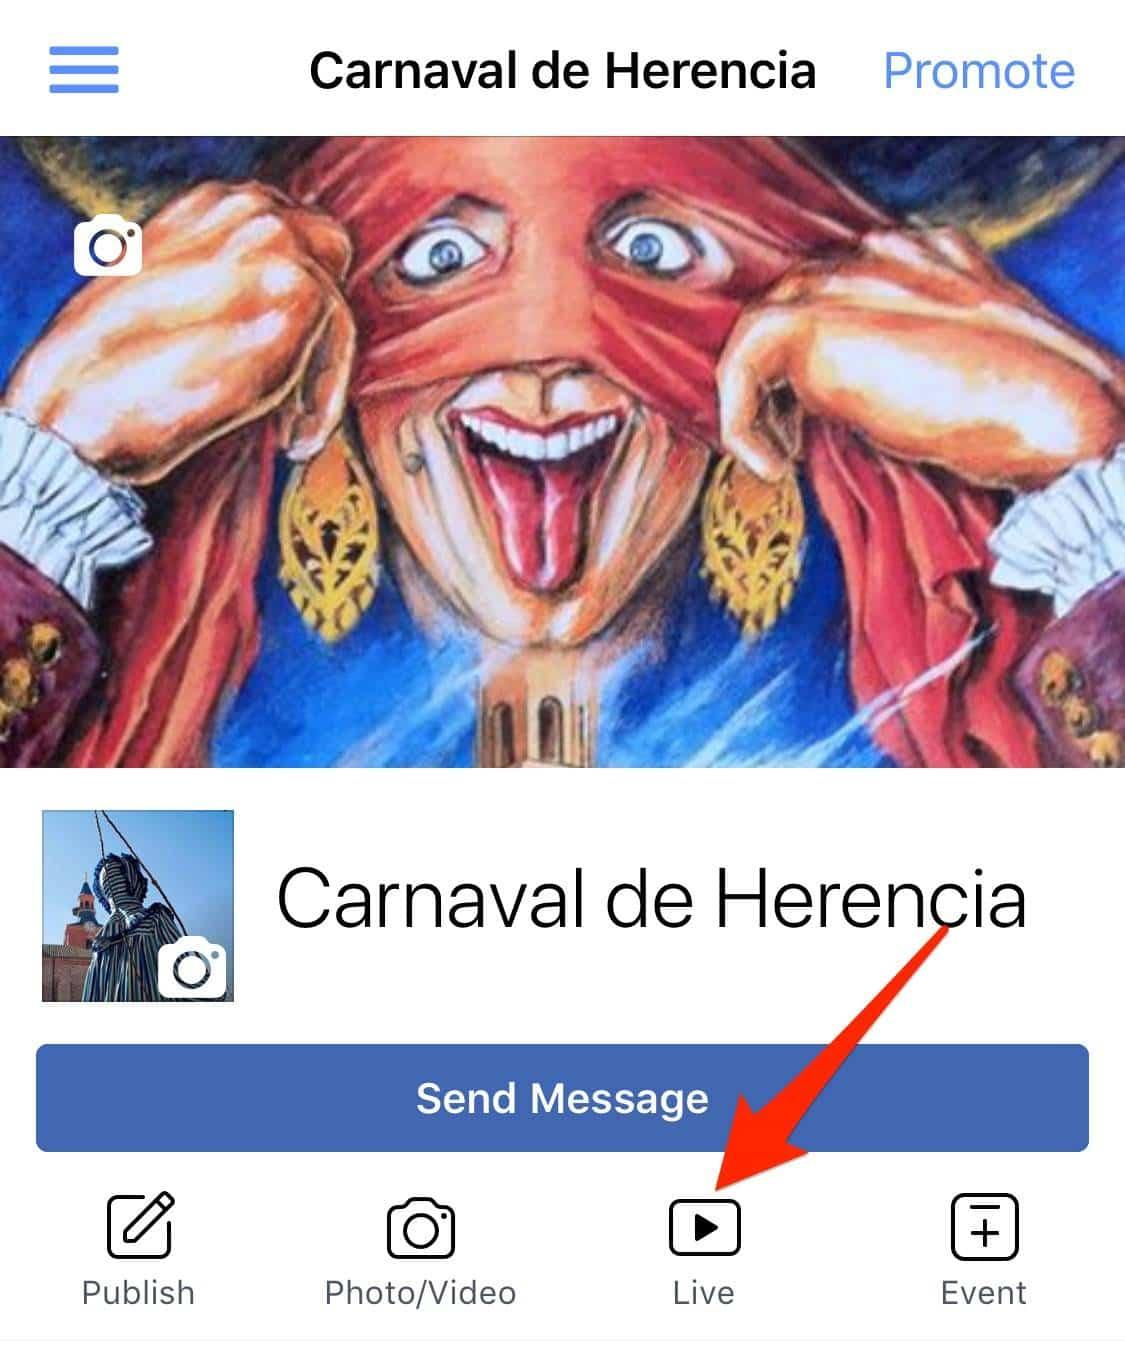 Inauguración del Carnaval de Herencia 2018 en directo 5